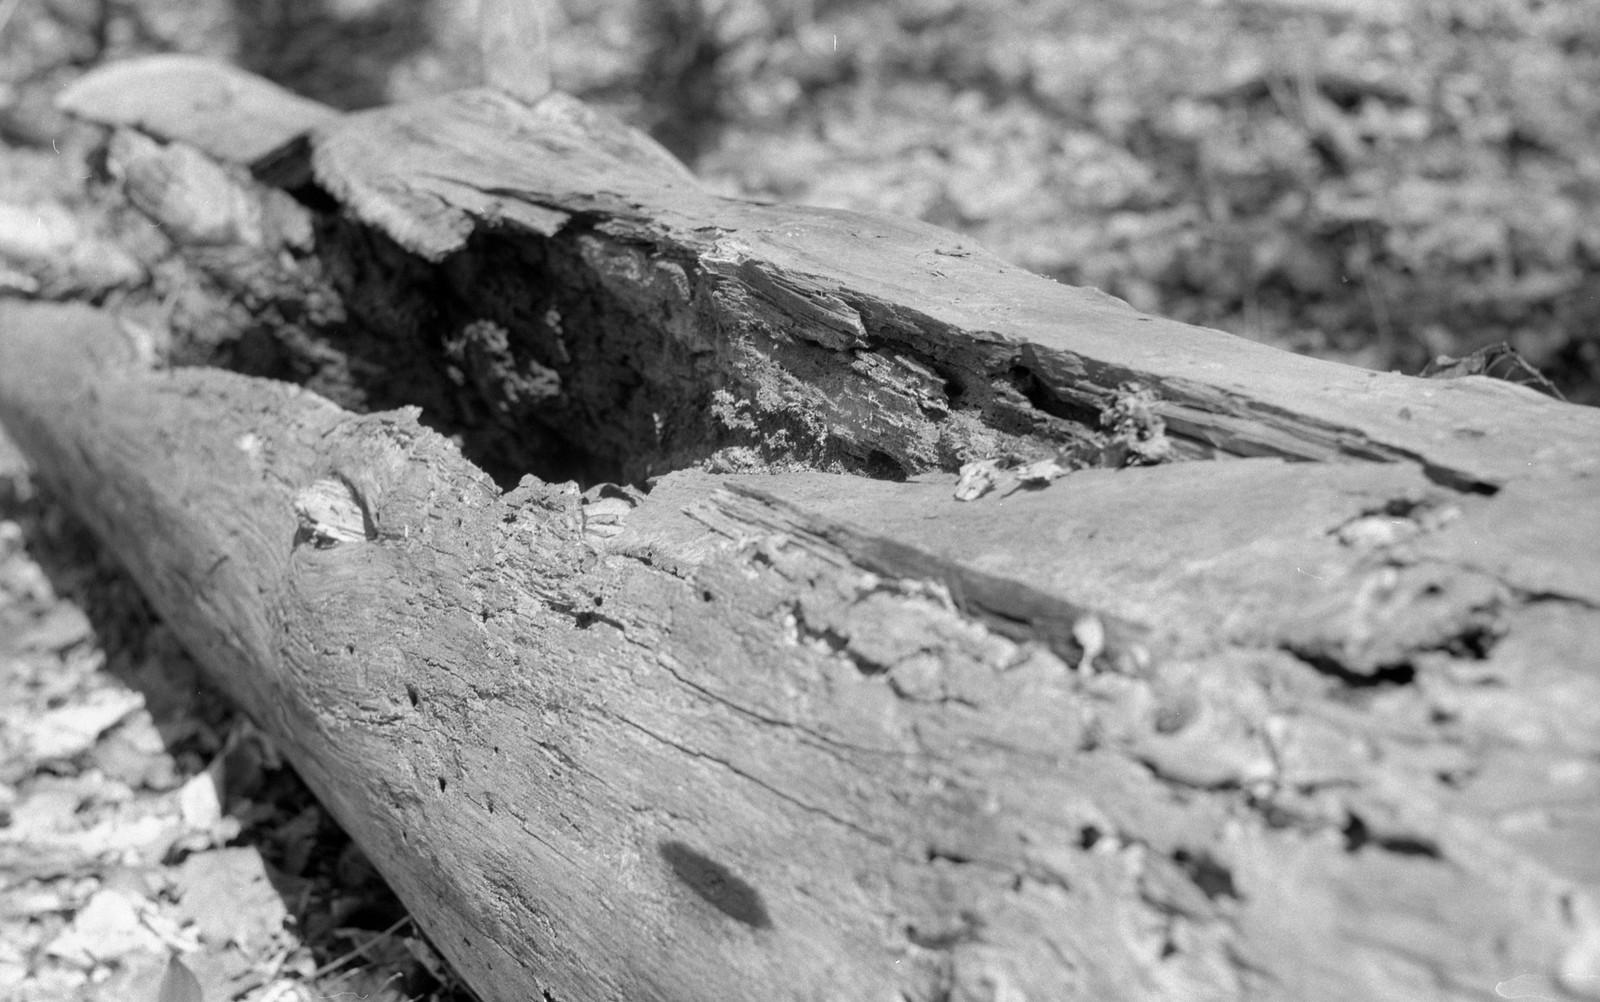 Camera Review Blog No. 36 - Ernst Leitz Leica IIIc